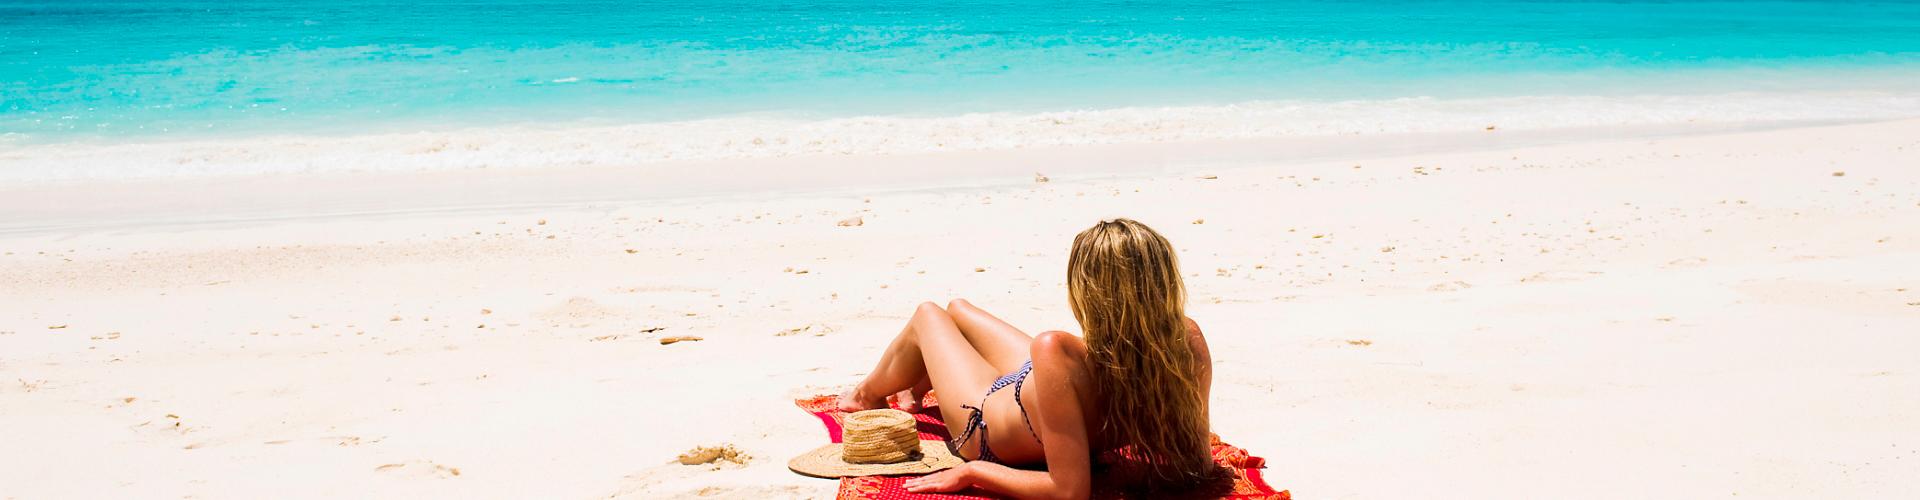 Quirimbas Archipelago Beaches